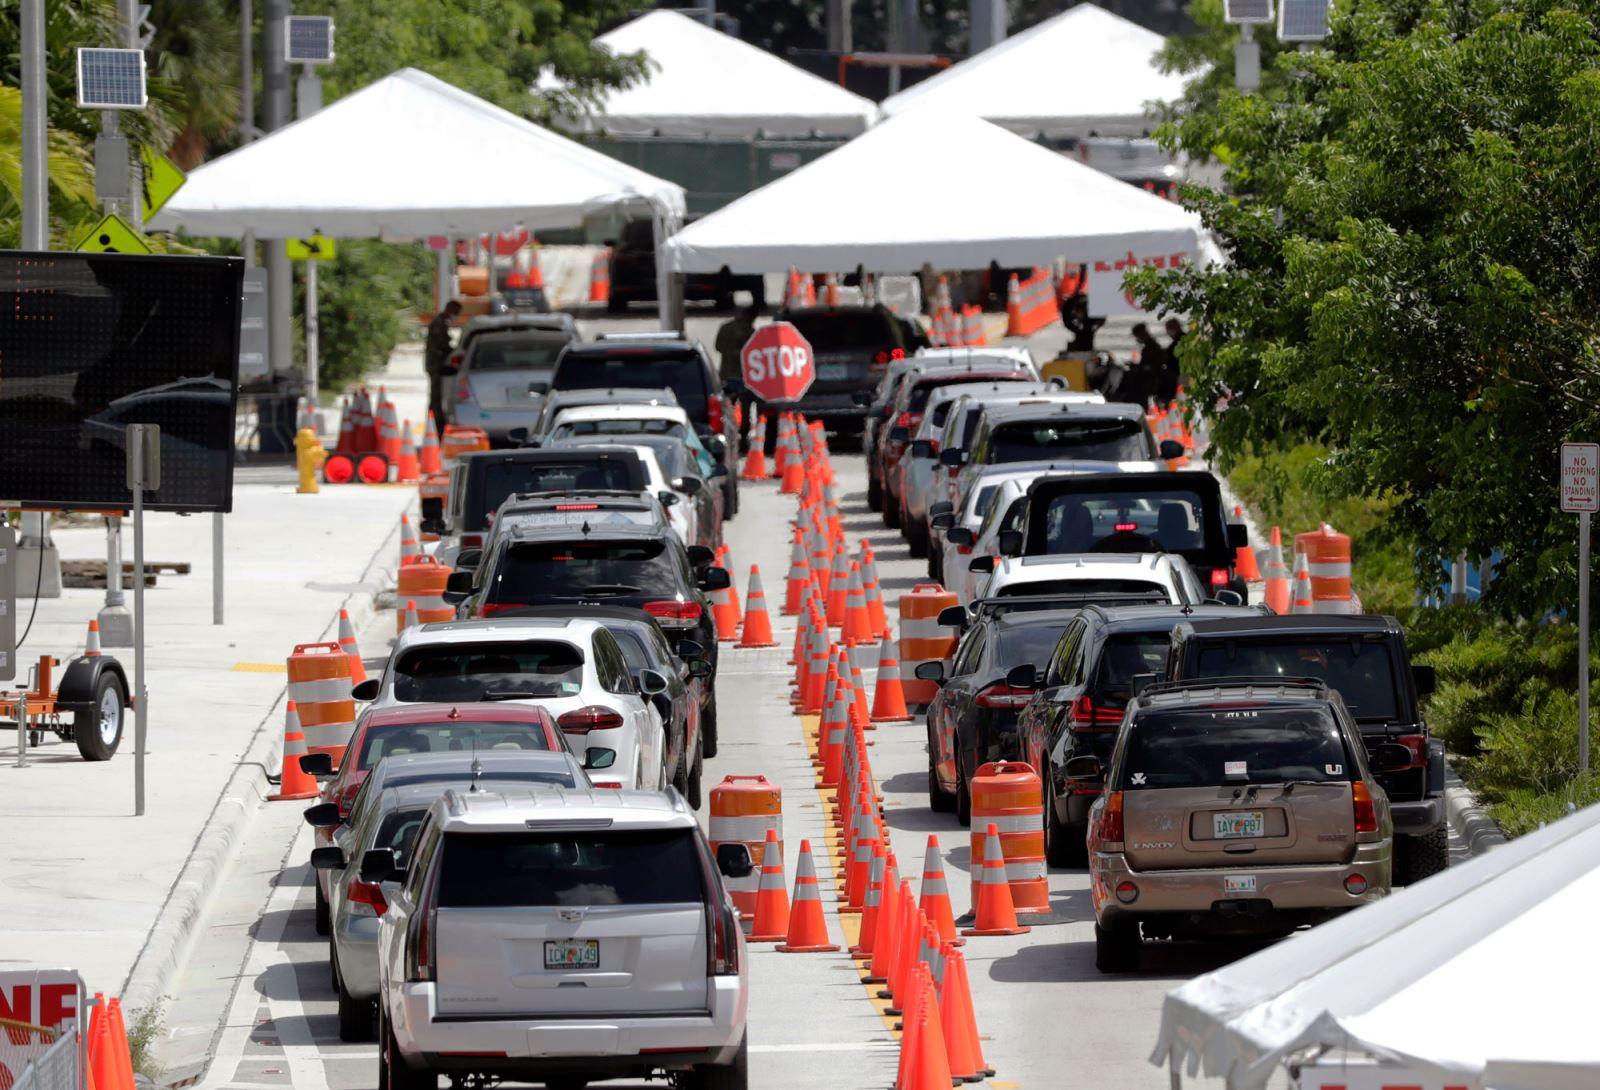 Hàng dài xe ô tô chờ xét nghiệm COVID-19 bên ngoài Trung tâm Hội nghị Miami Beach ngày 26/6 tại Miami, bang Florida, Mỹ. Ảnh: AP